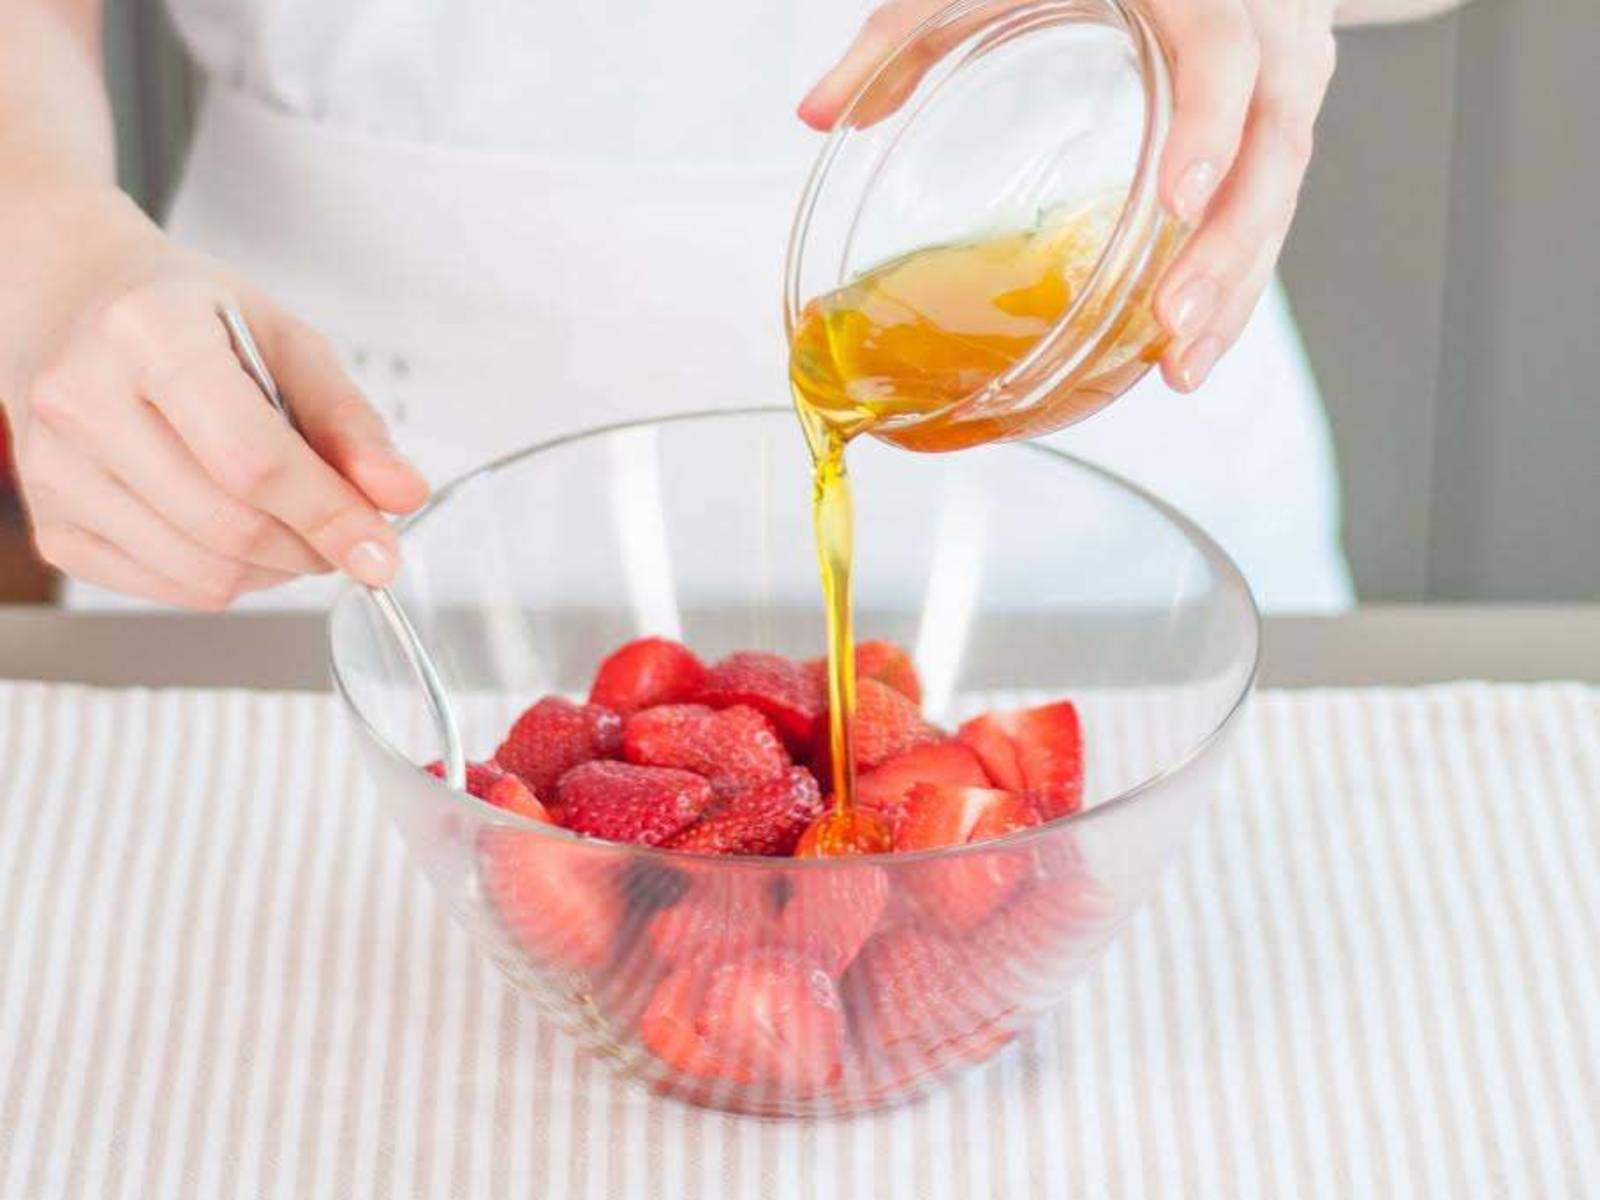 Honig, Olivenöl und einen Teil des Salzes miteinander verrühren. Die Mischung zu den halbierten Erdbeeren geben und gut vermengen.